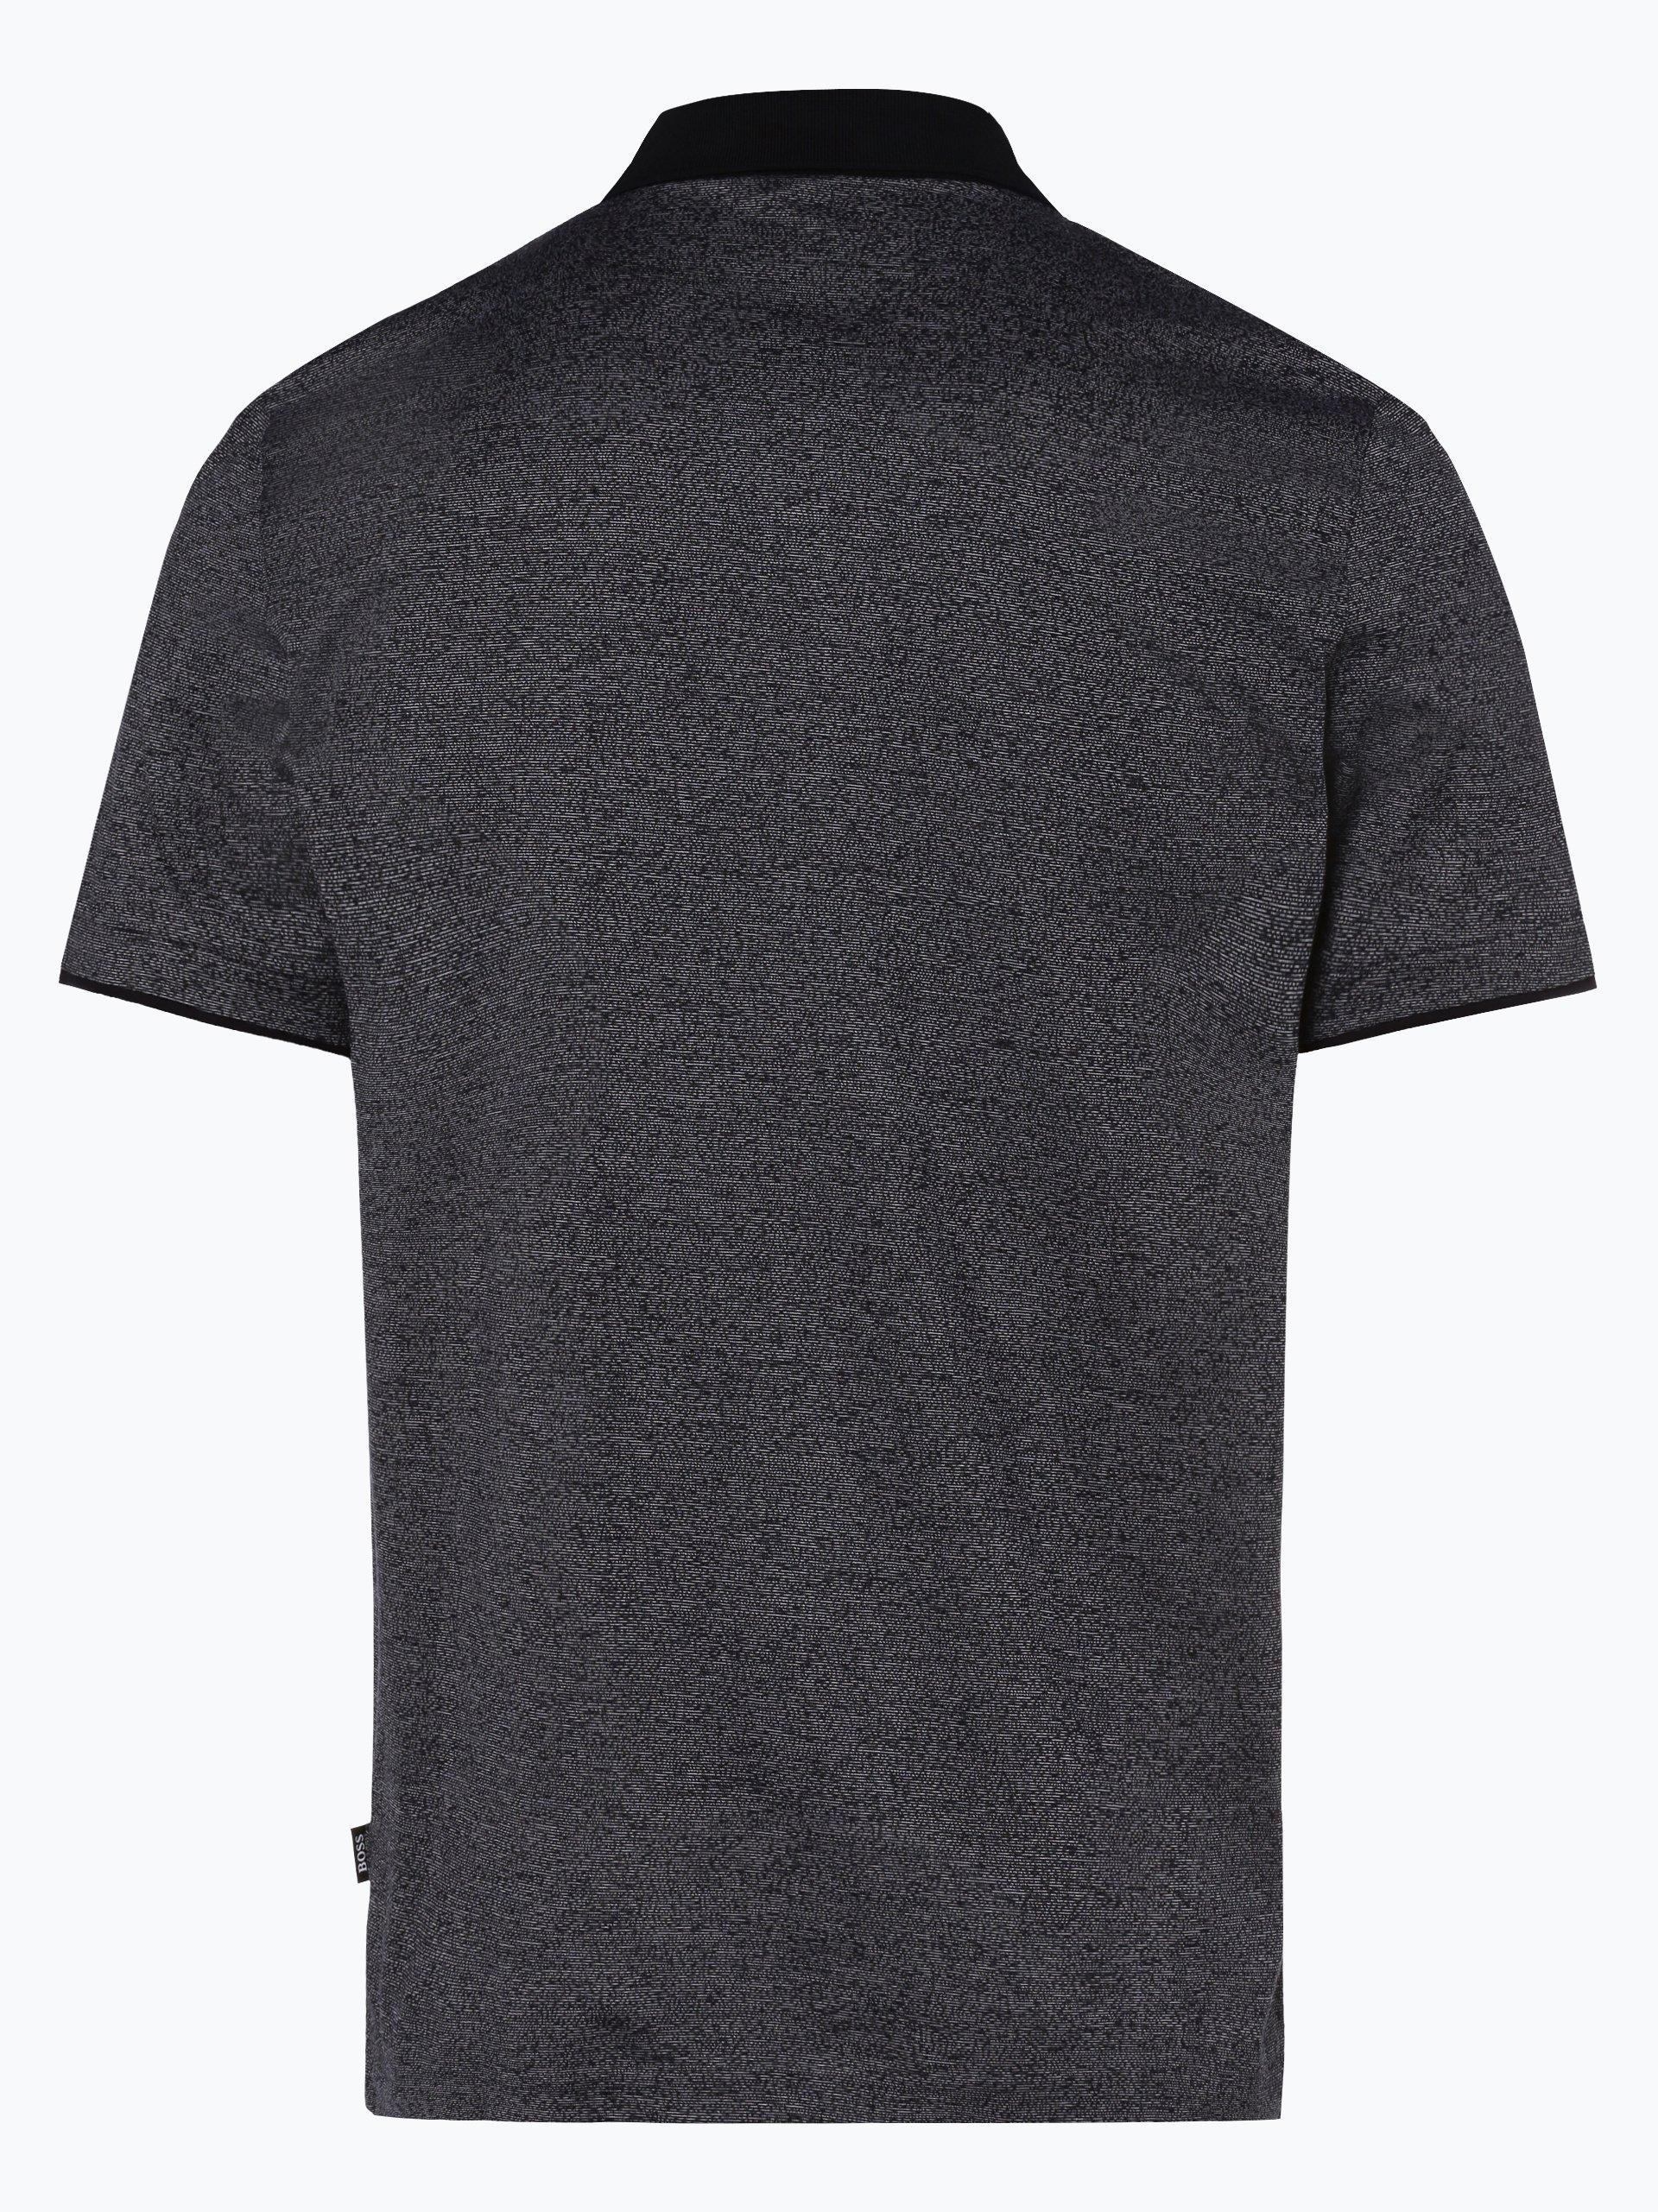 BOSS Herren Poloshirt - Pitton 12